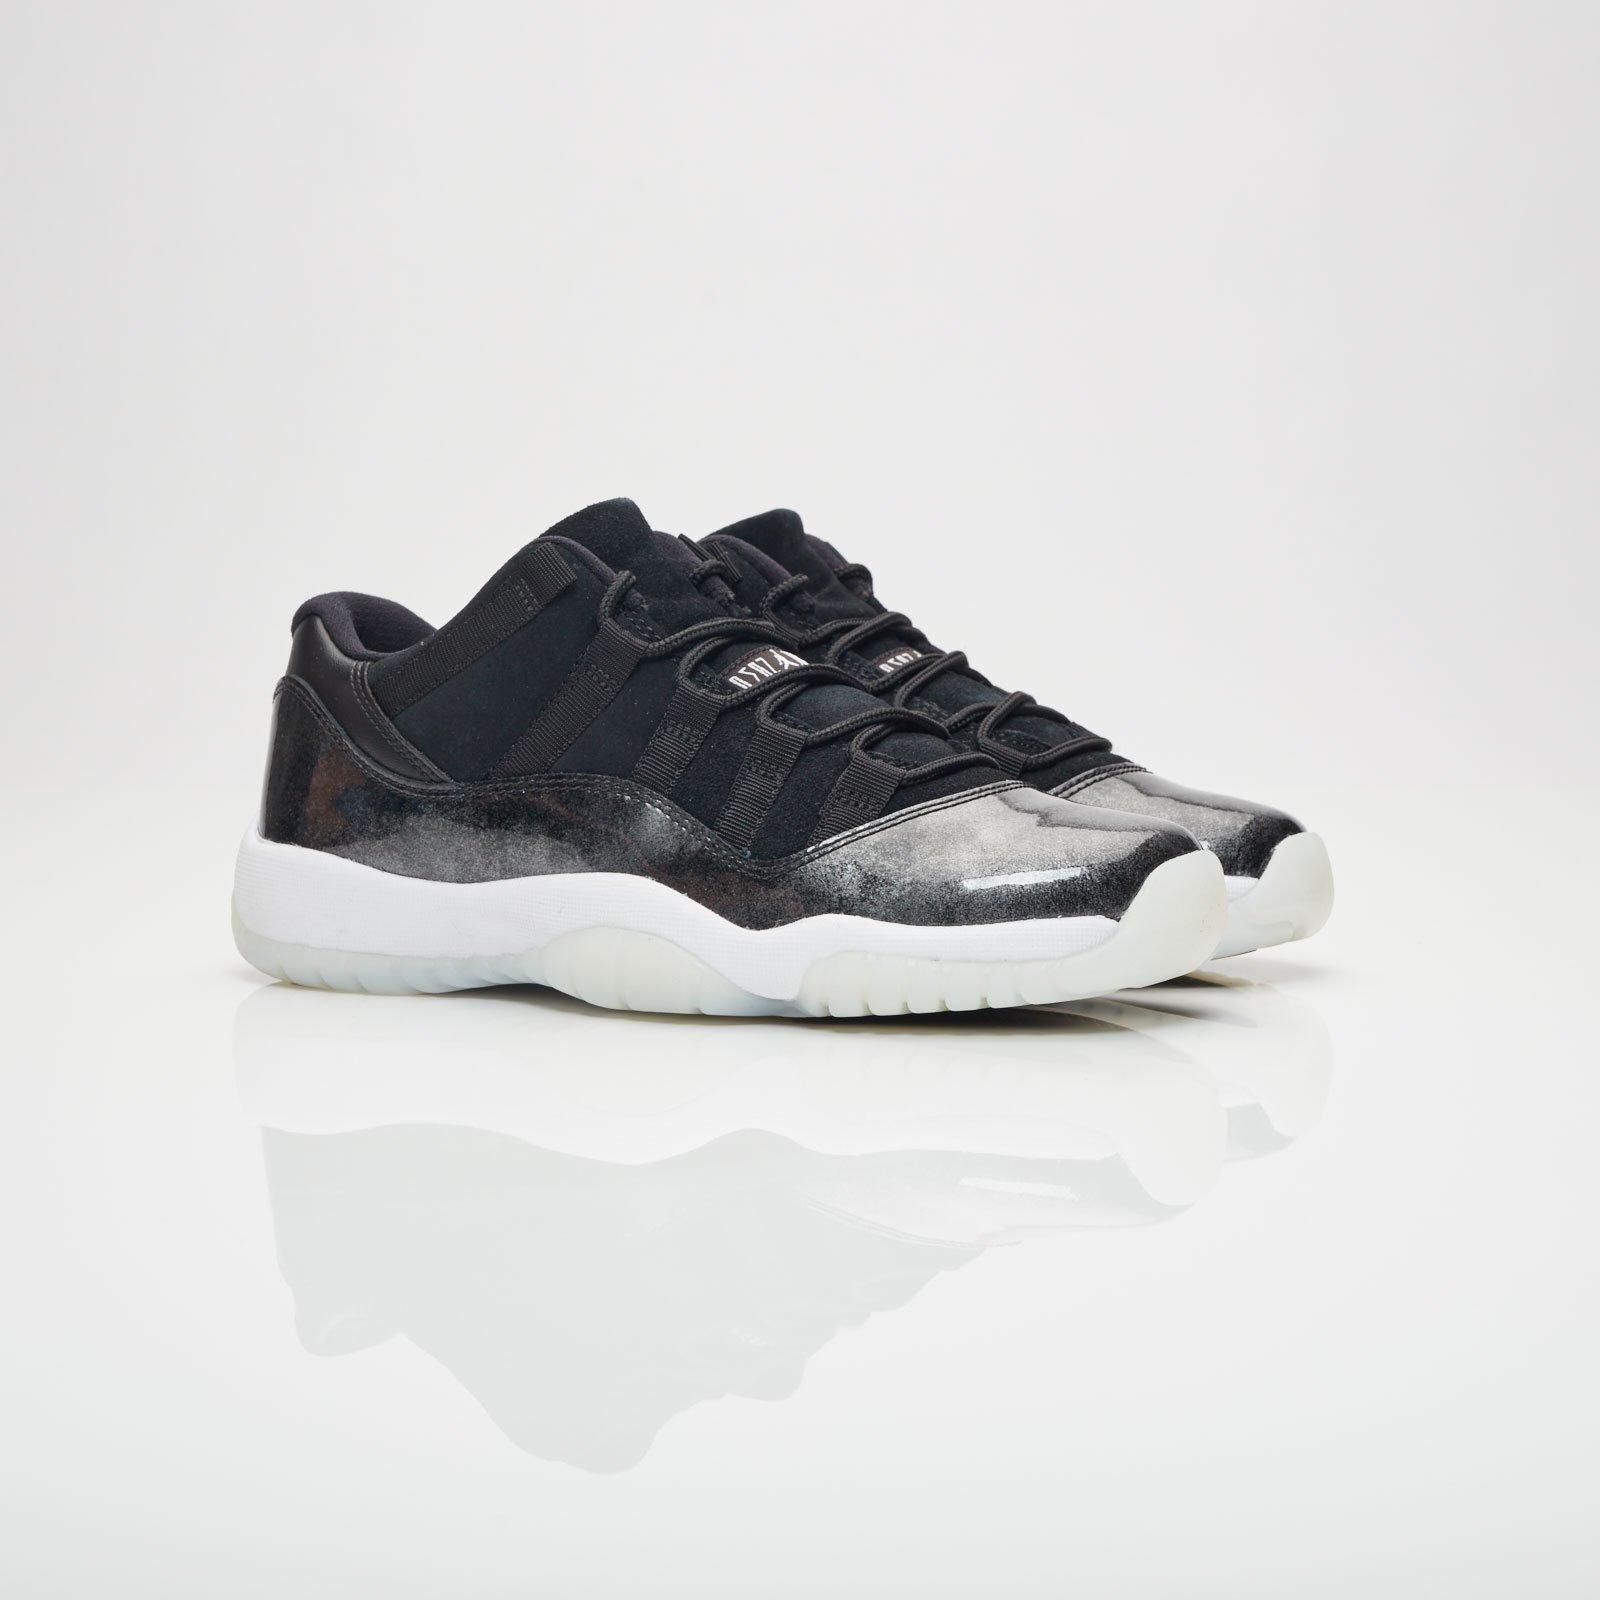 3af671276df3ba Jordan Brand Air Jordan 11 Retro Low (GS) - 528896-010 ...